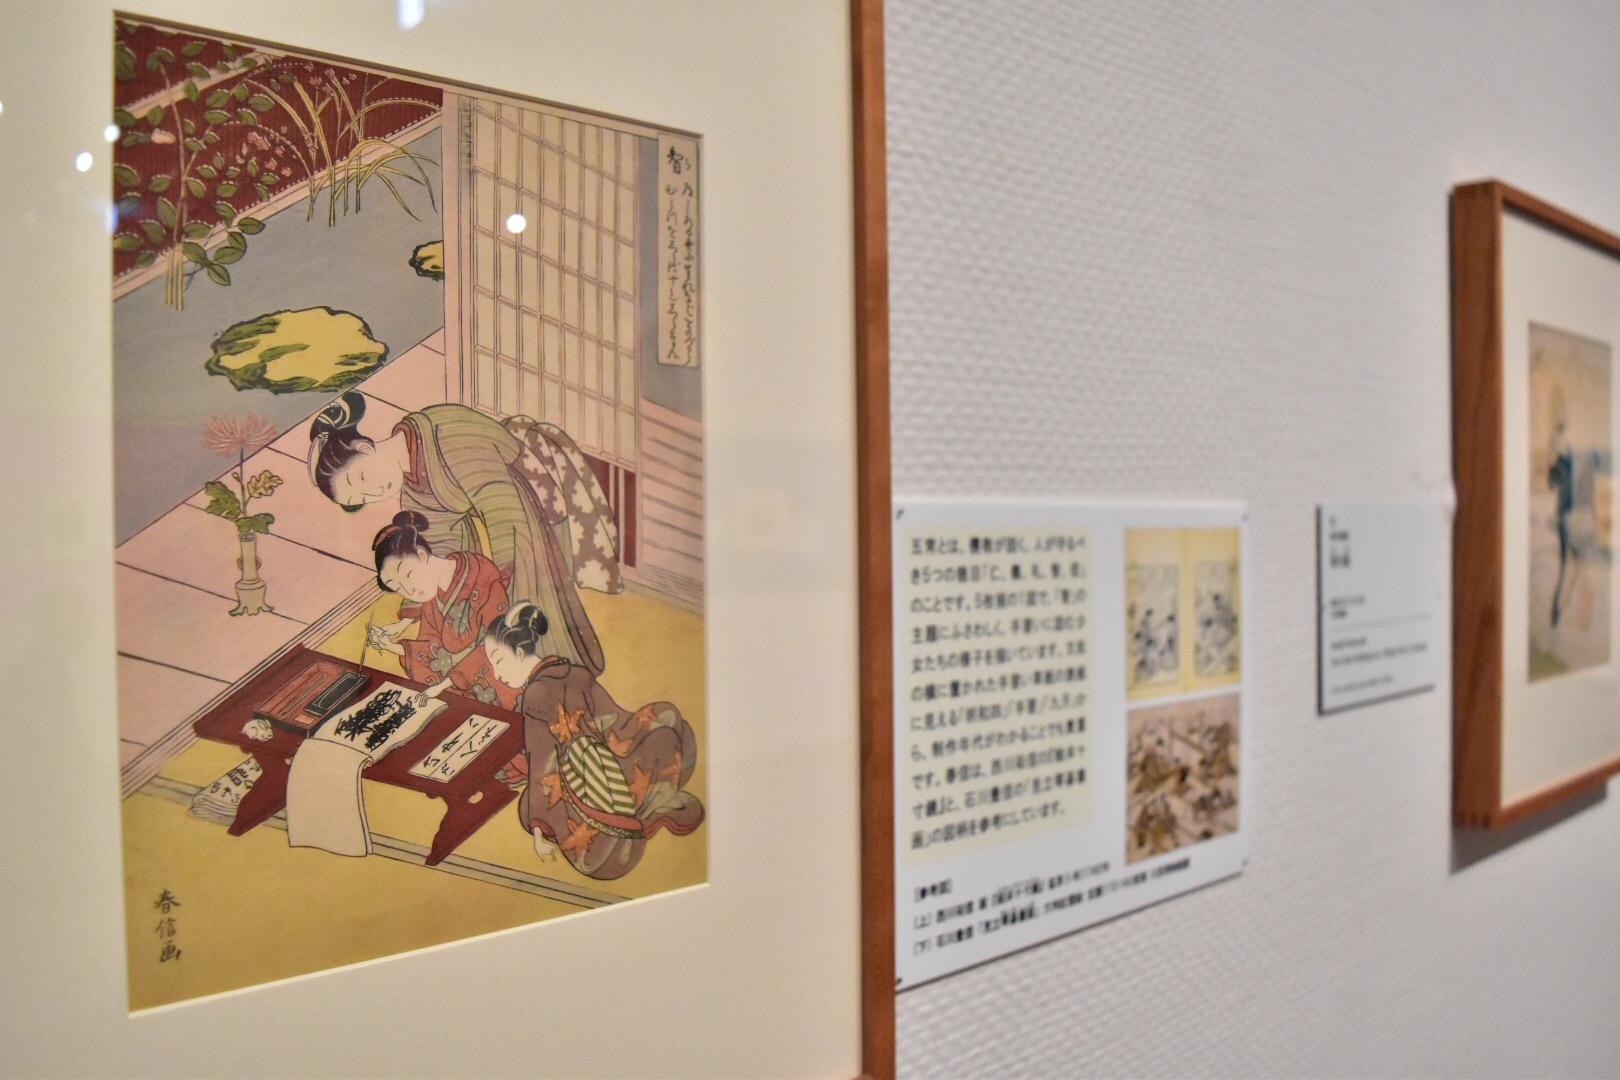 鈴木春信 《五常「智」》 明和4年(1767)9月 中判錦絵